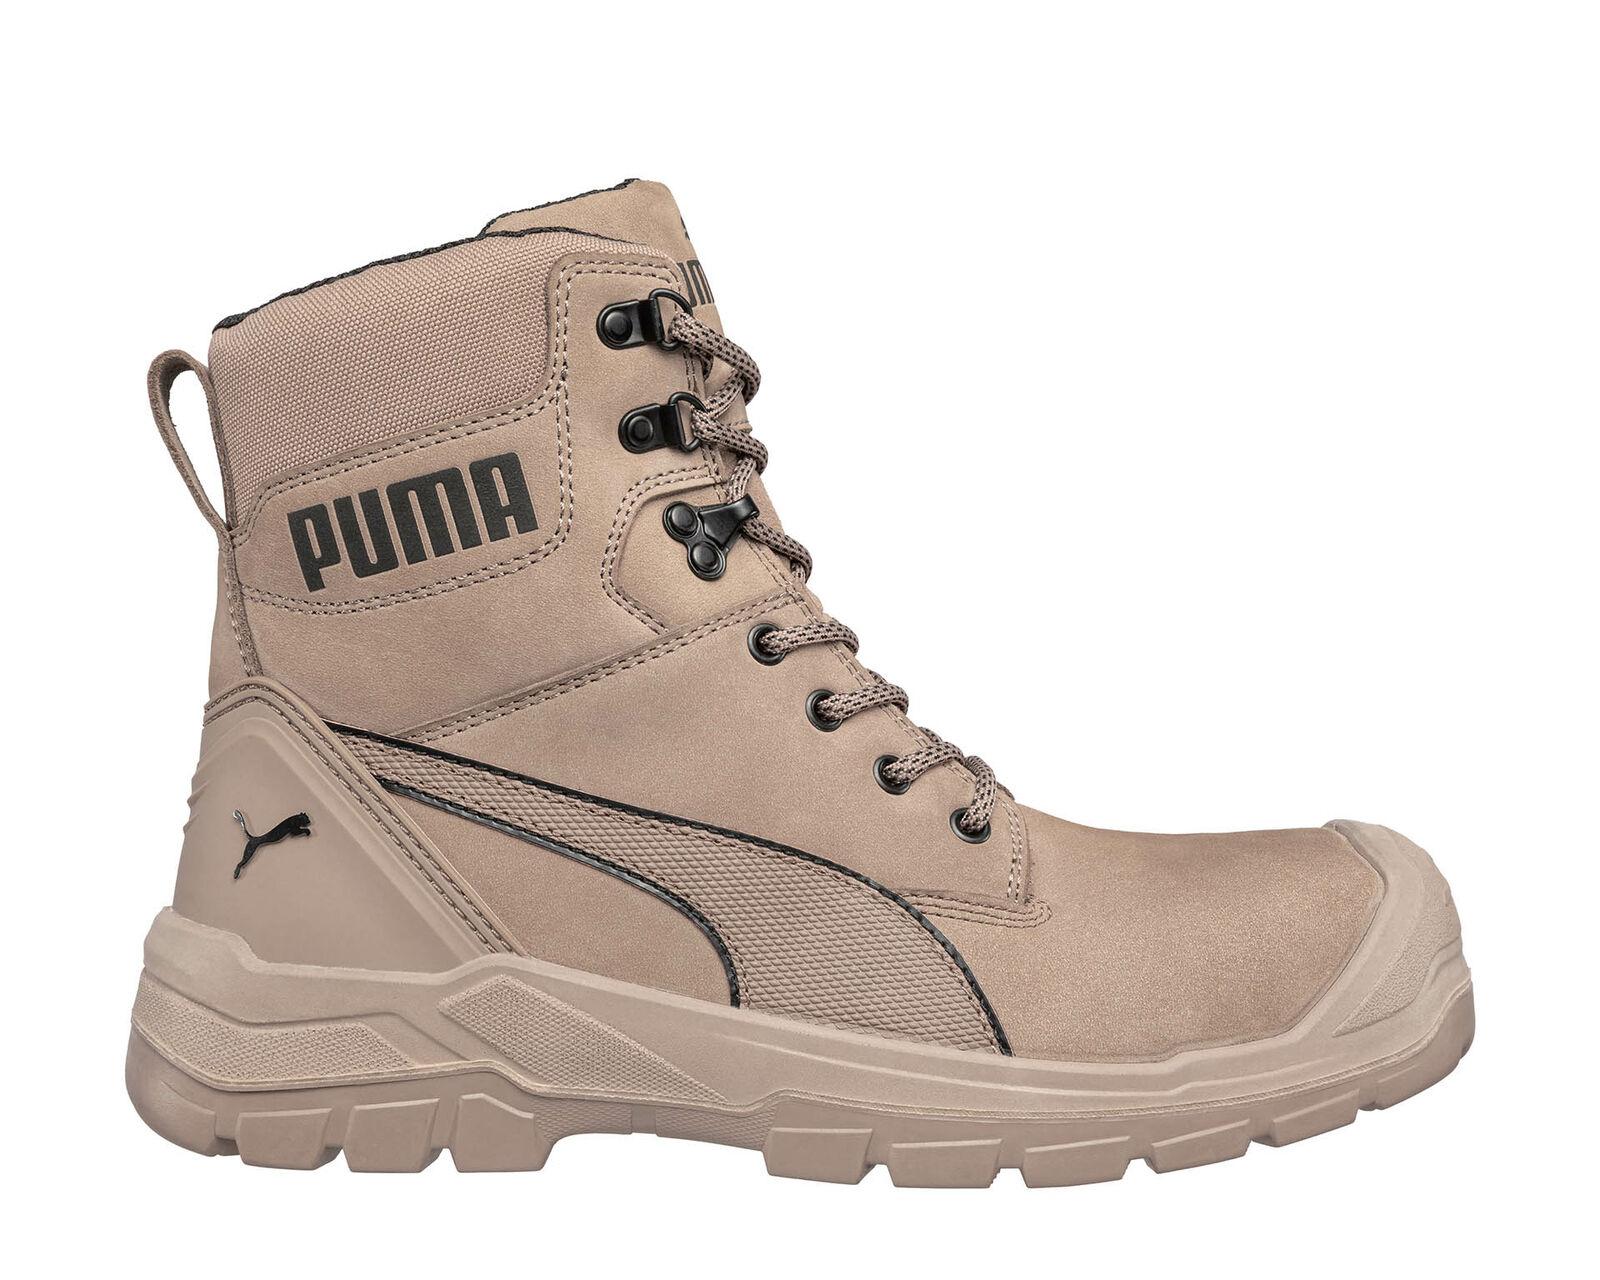 Puma Conquest Stone High S3 Side Zip Fiberglass Safety Toe Scuff Cap Work Boots